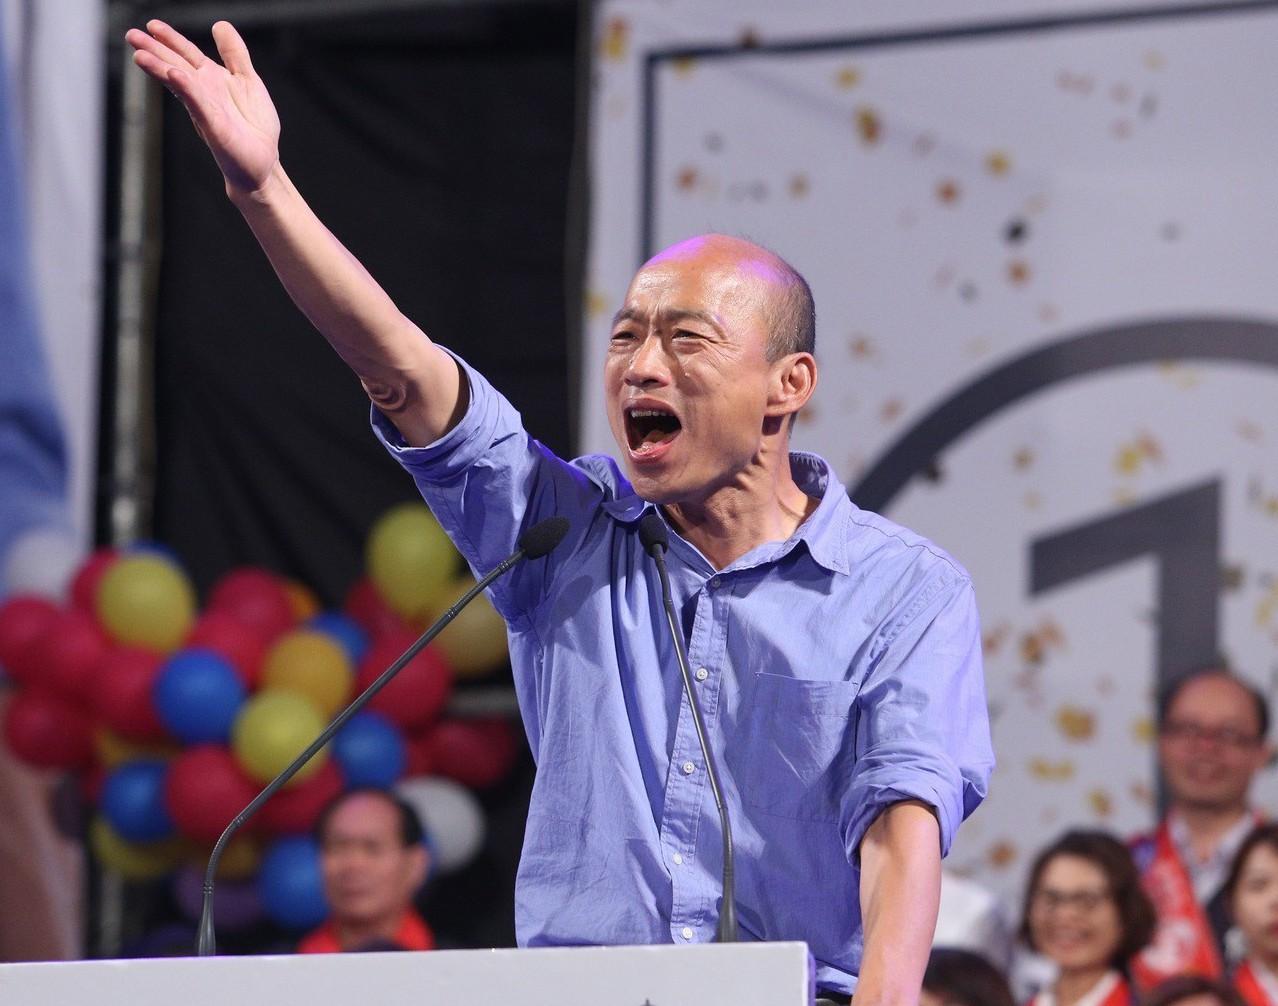 挺韓國瑜團體6月1日將在凱道舉辦大會師,力挺韓國瑜選總統,希望能再現去年底韓流風...